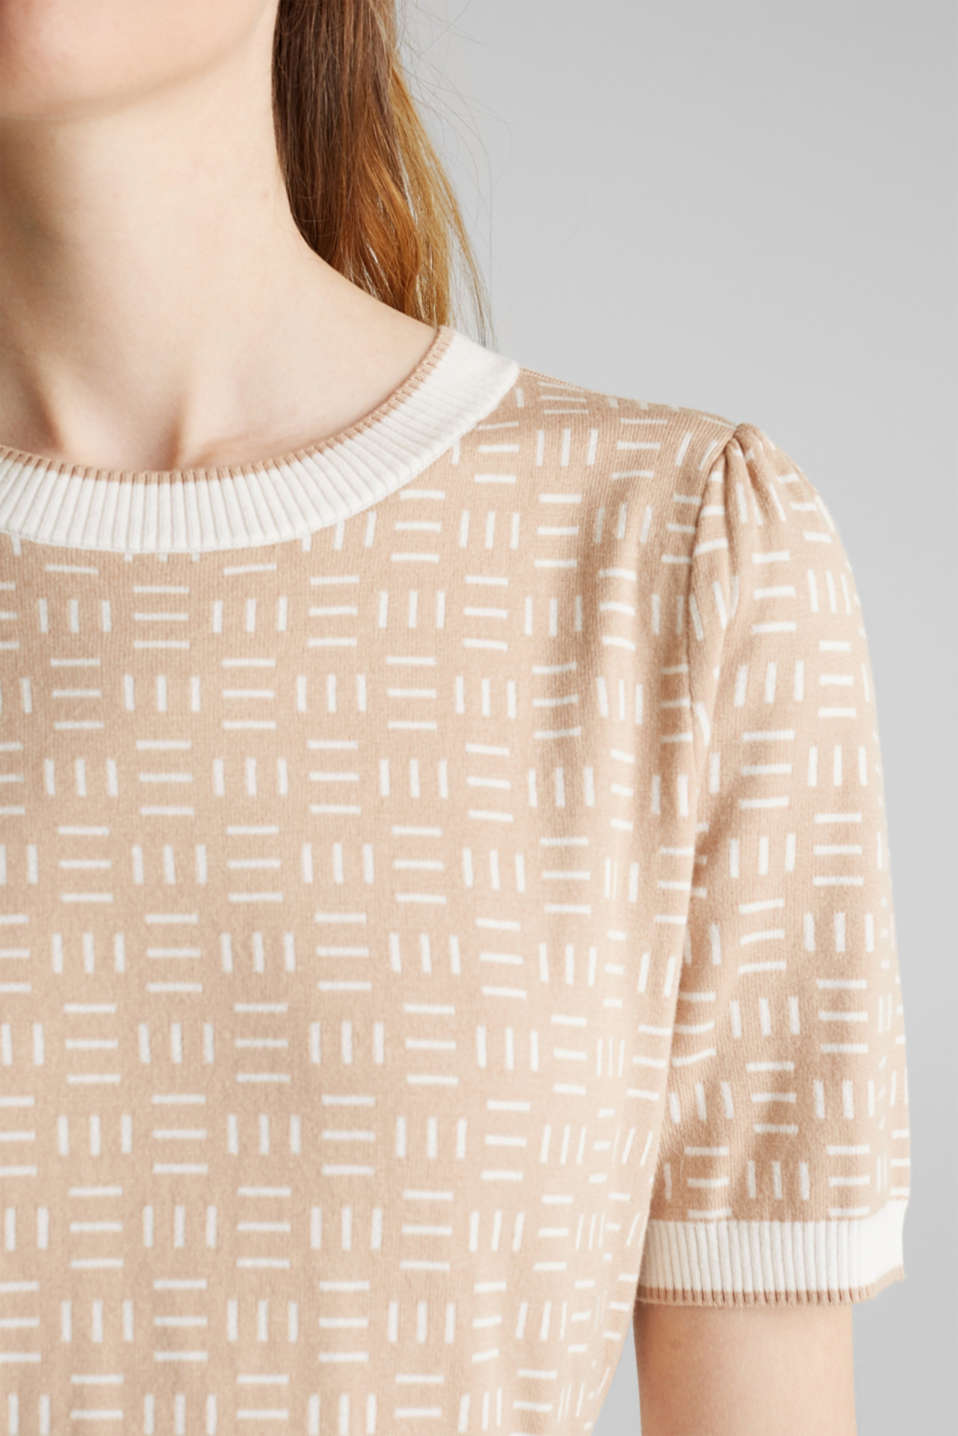 Short-sleeved jumper with a jacquard pattern, LIGHT BEIGE, detail image number 2